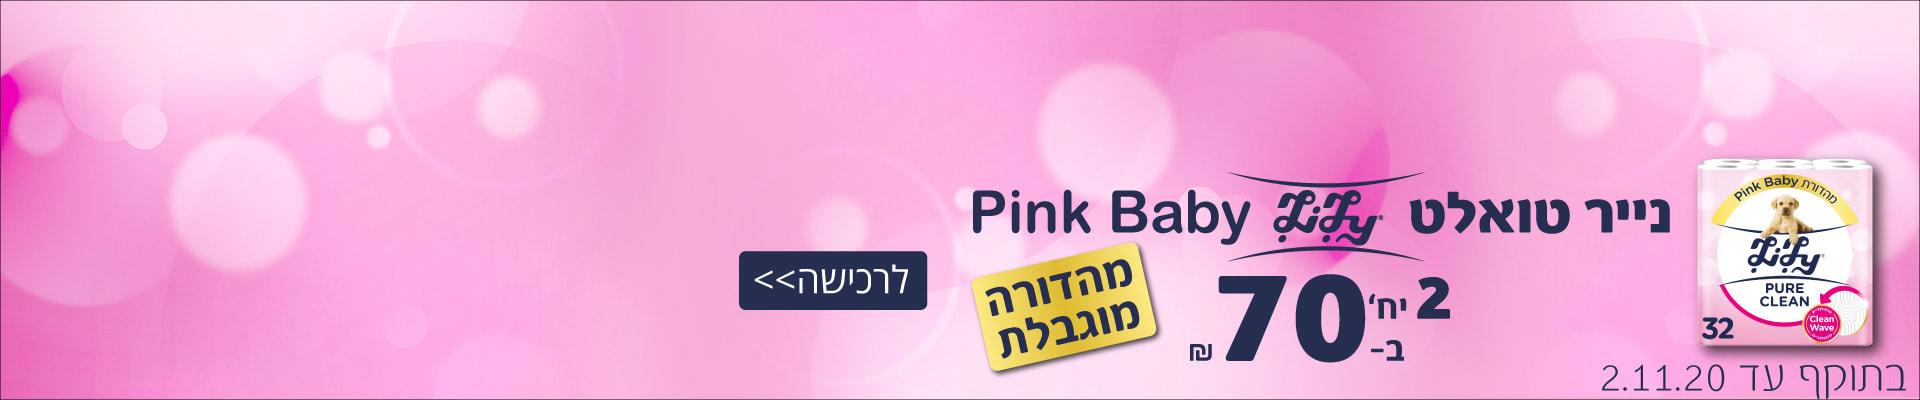 נייר טואלט לילי PINK BABY 2 יחידות ב-70 ₪ במהדורה מוגבלת. בתוקף עד ה-2.11.20